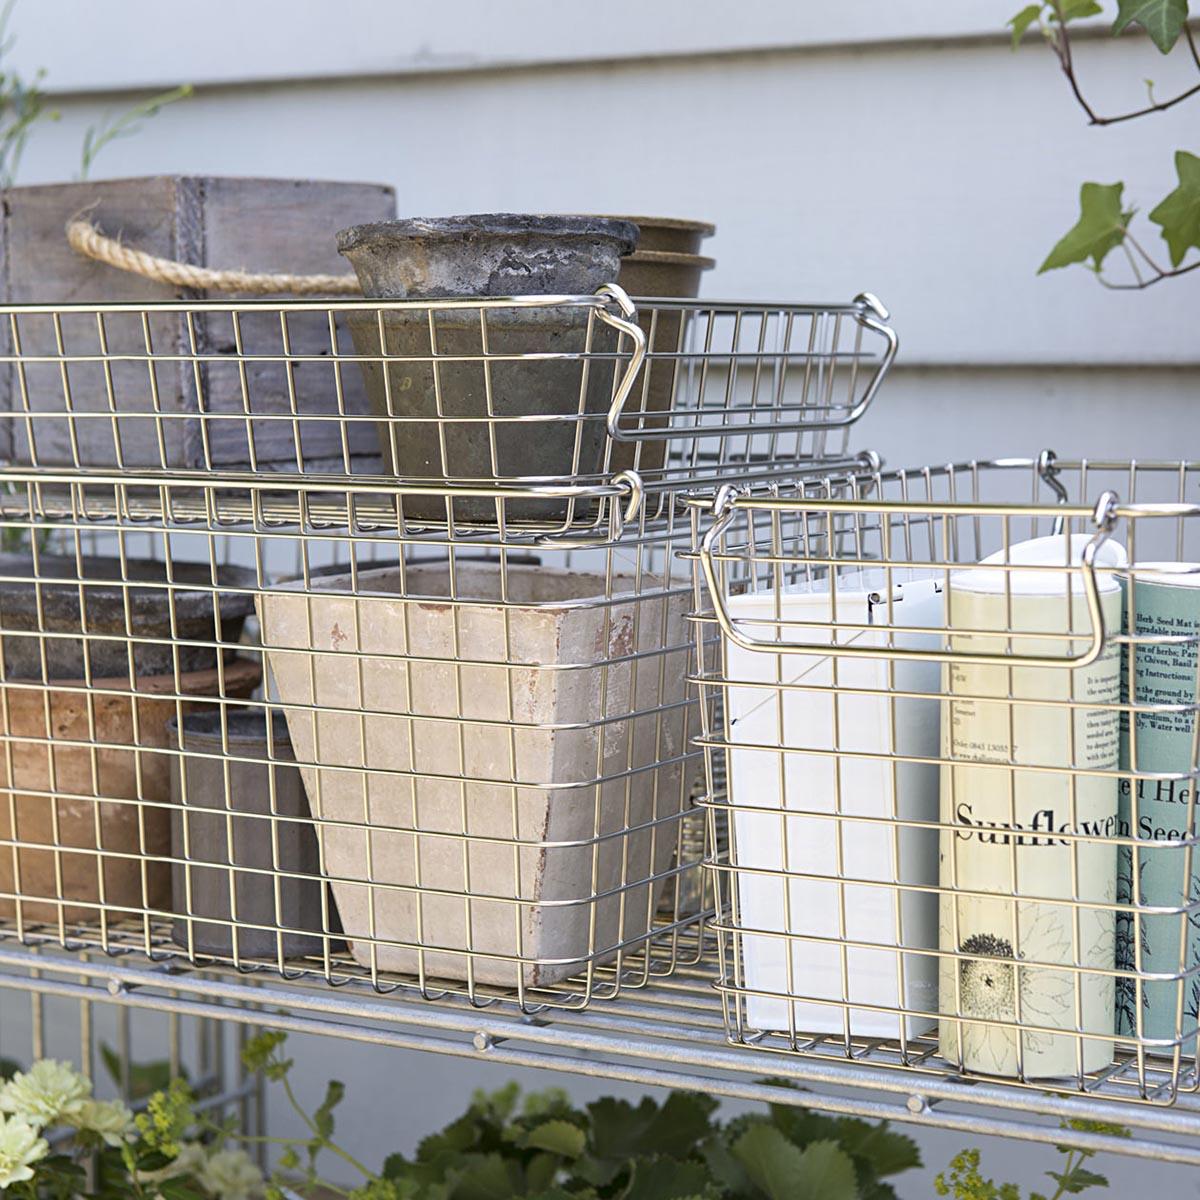 広いラックや収納棚の整頓に、かごを使っても素敵です。ステンレス製のワイヤーバスケットなら、水回りでもさびにくくて安心。